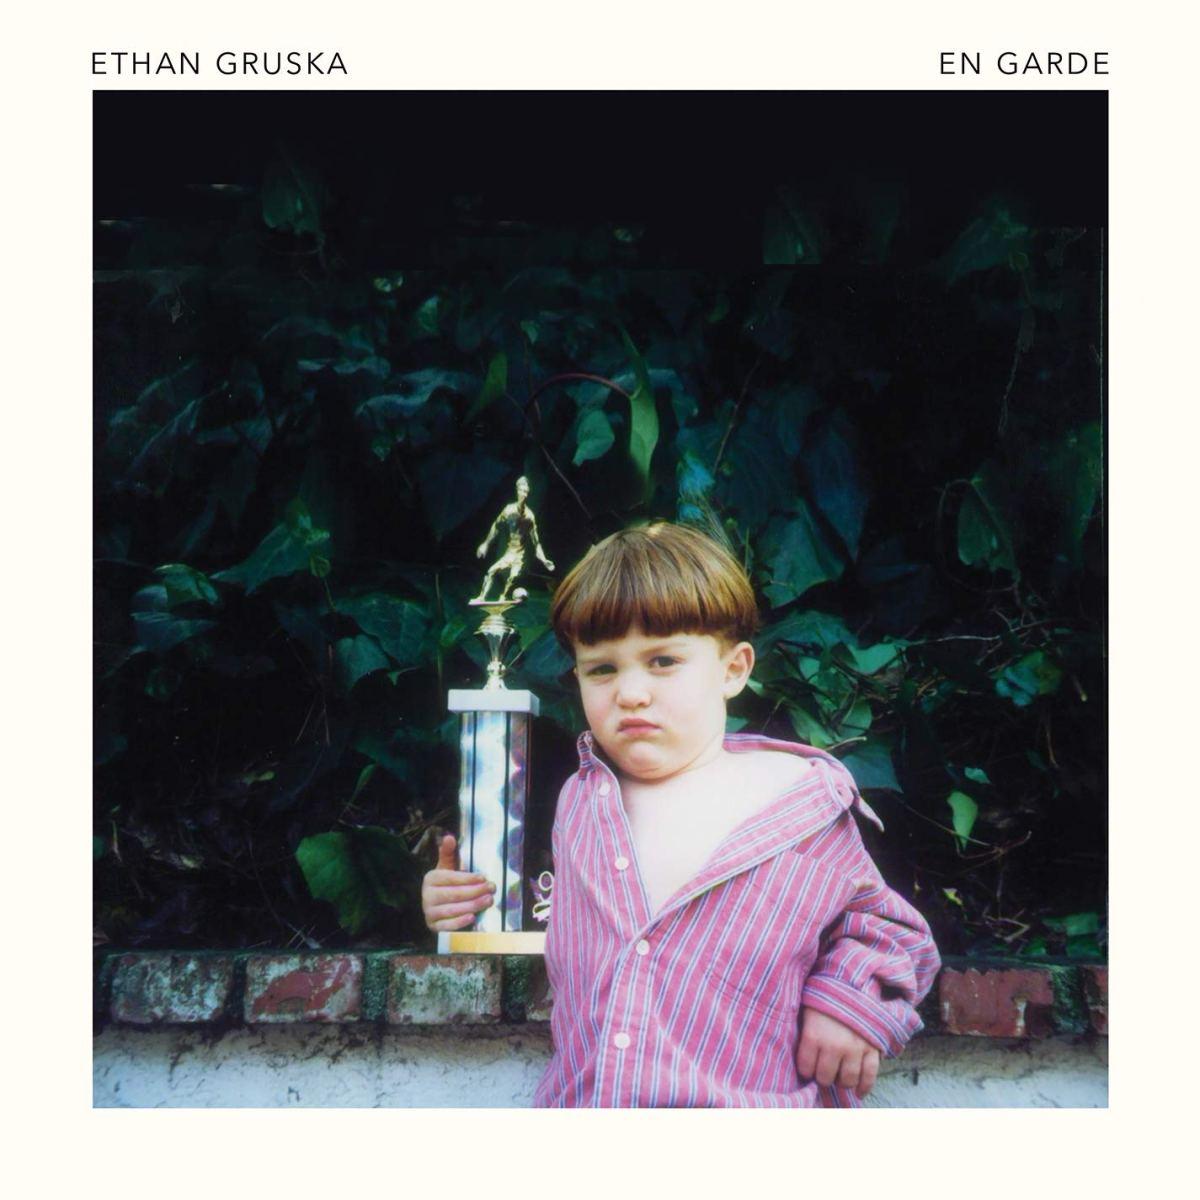 Saya's Album of the Week: En Garde by Ethan Gruska